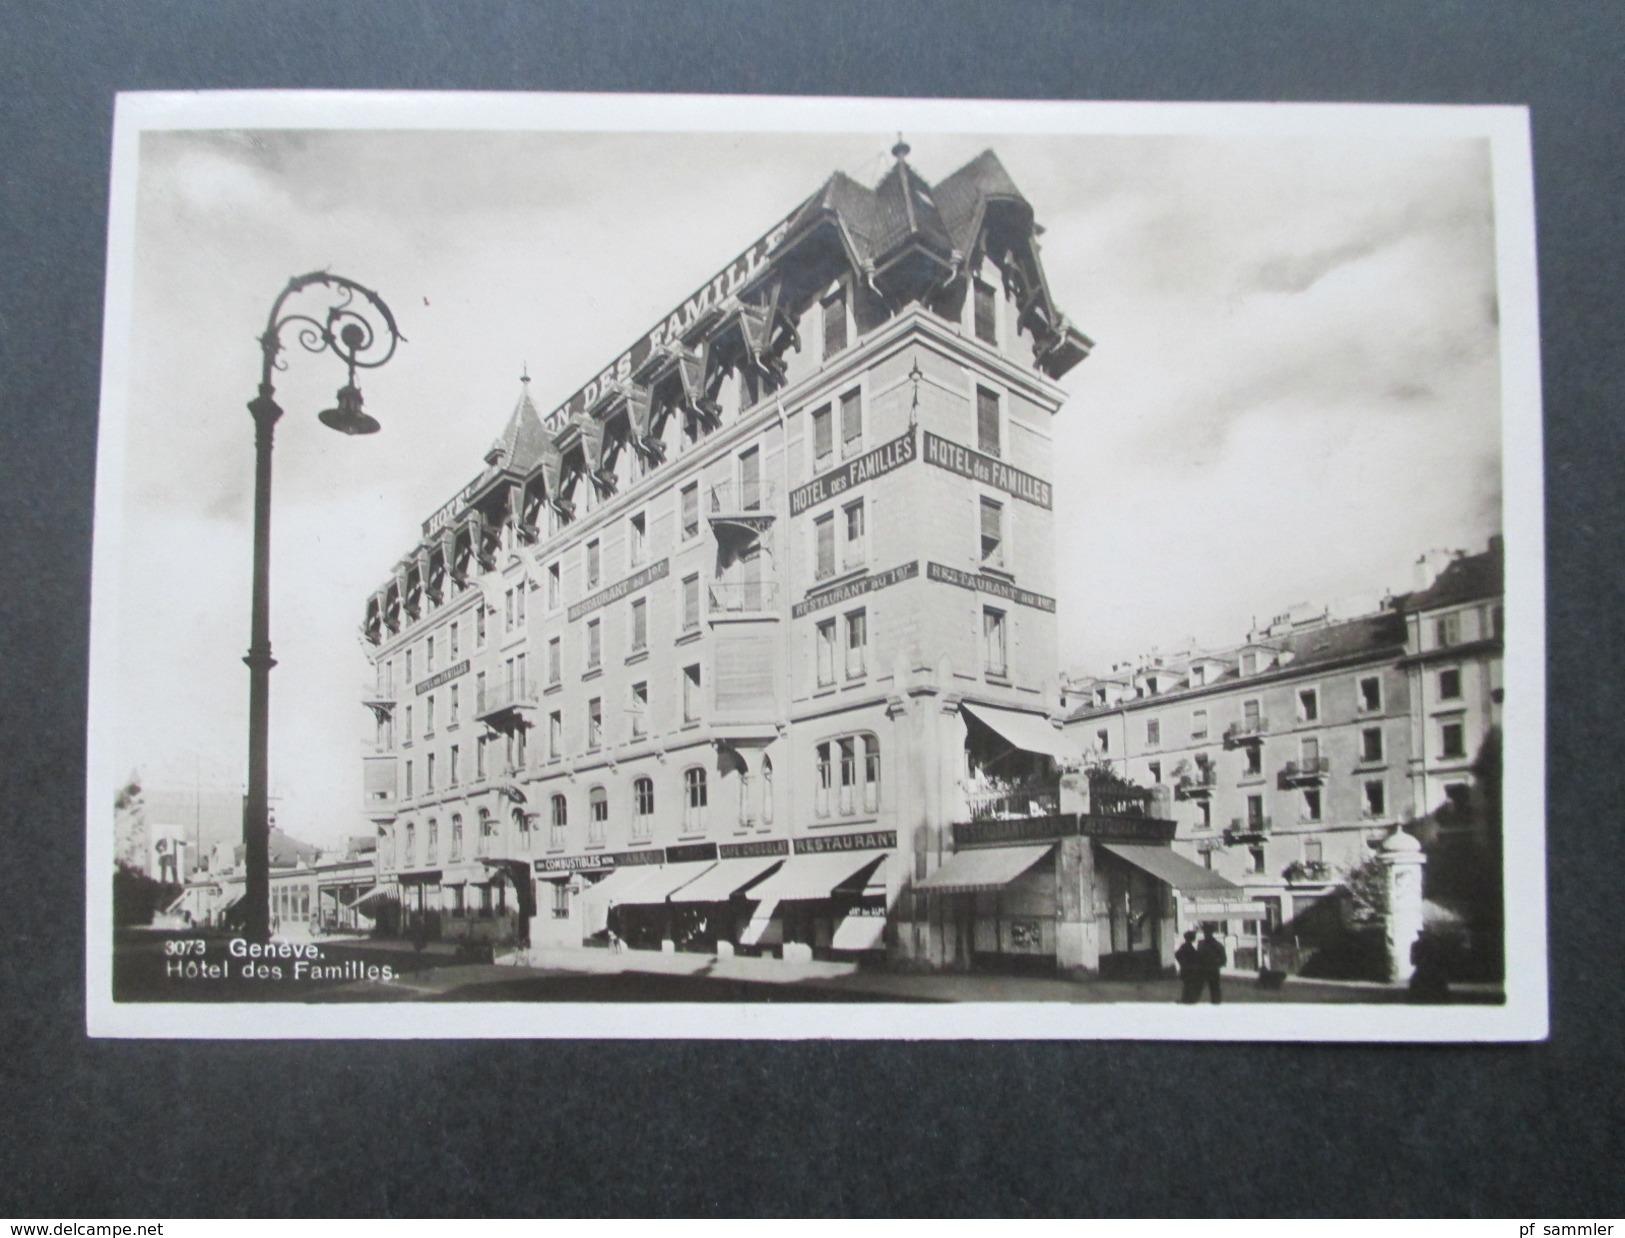 AK Echtfoto 1928 Geneve Hotel Des Familles. Flugpostmarke Nr. 213 MiF. Luftpost Zürich Flugplatz - Hotels & Gaststätten